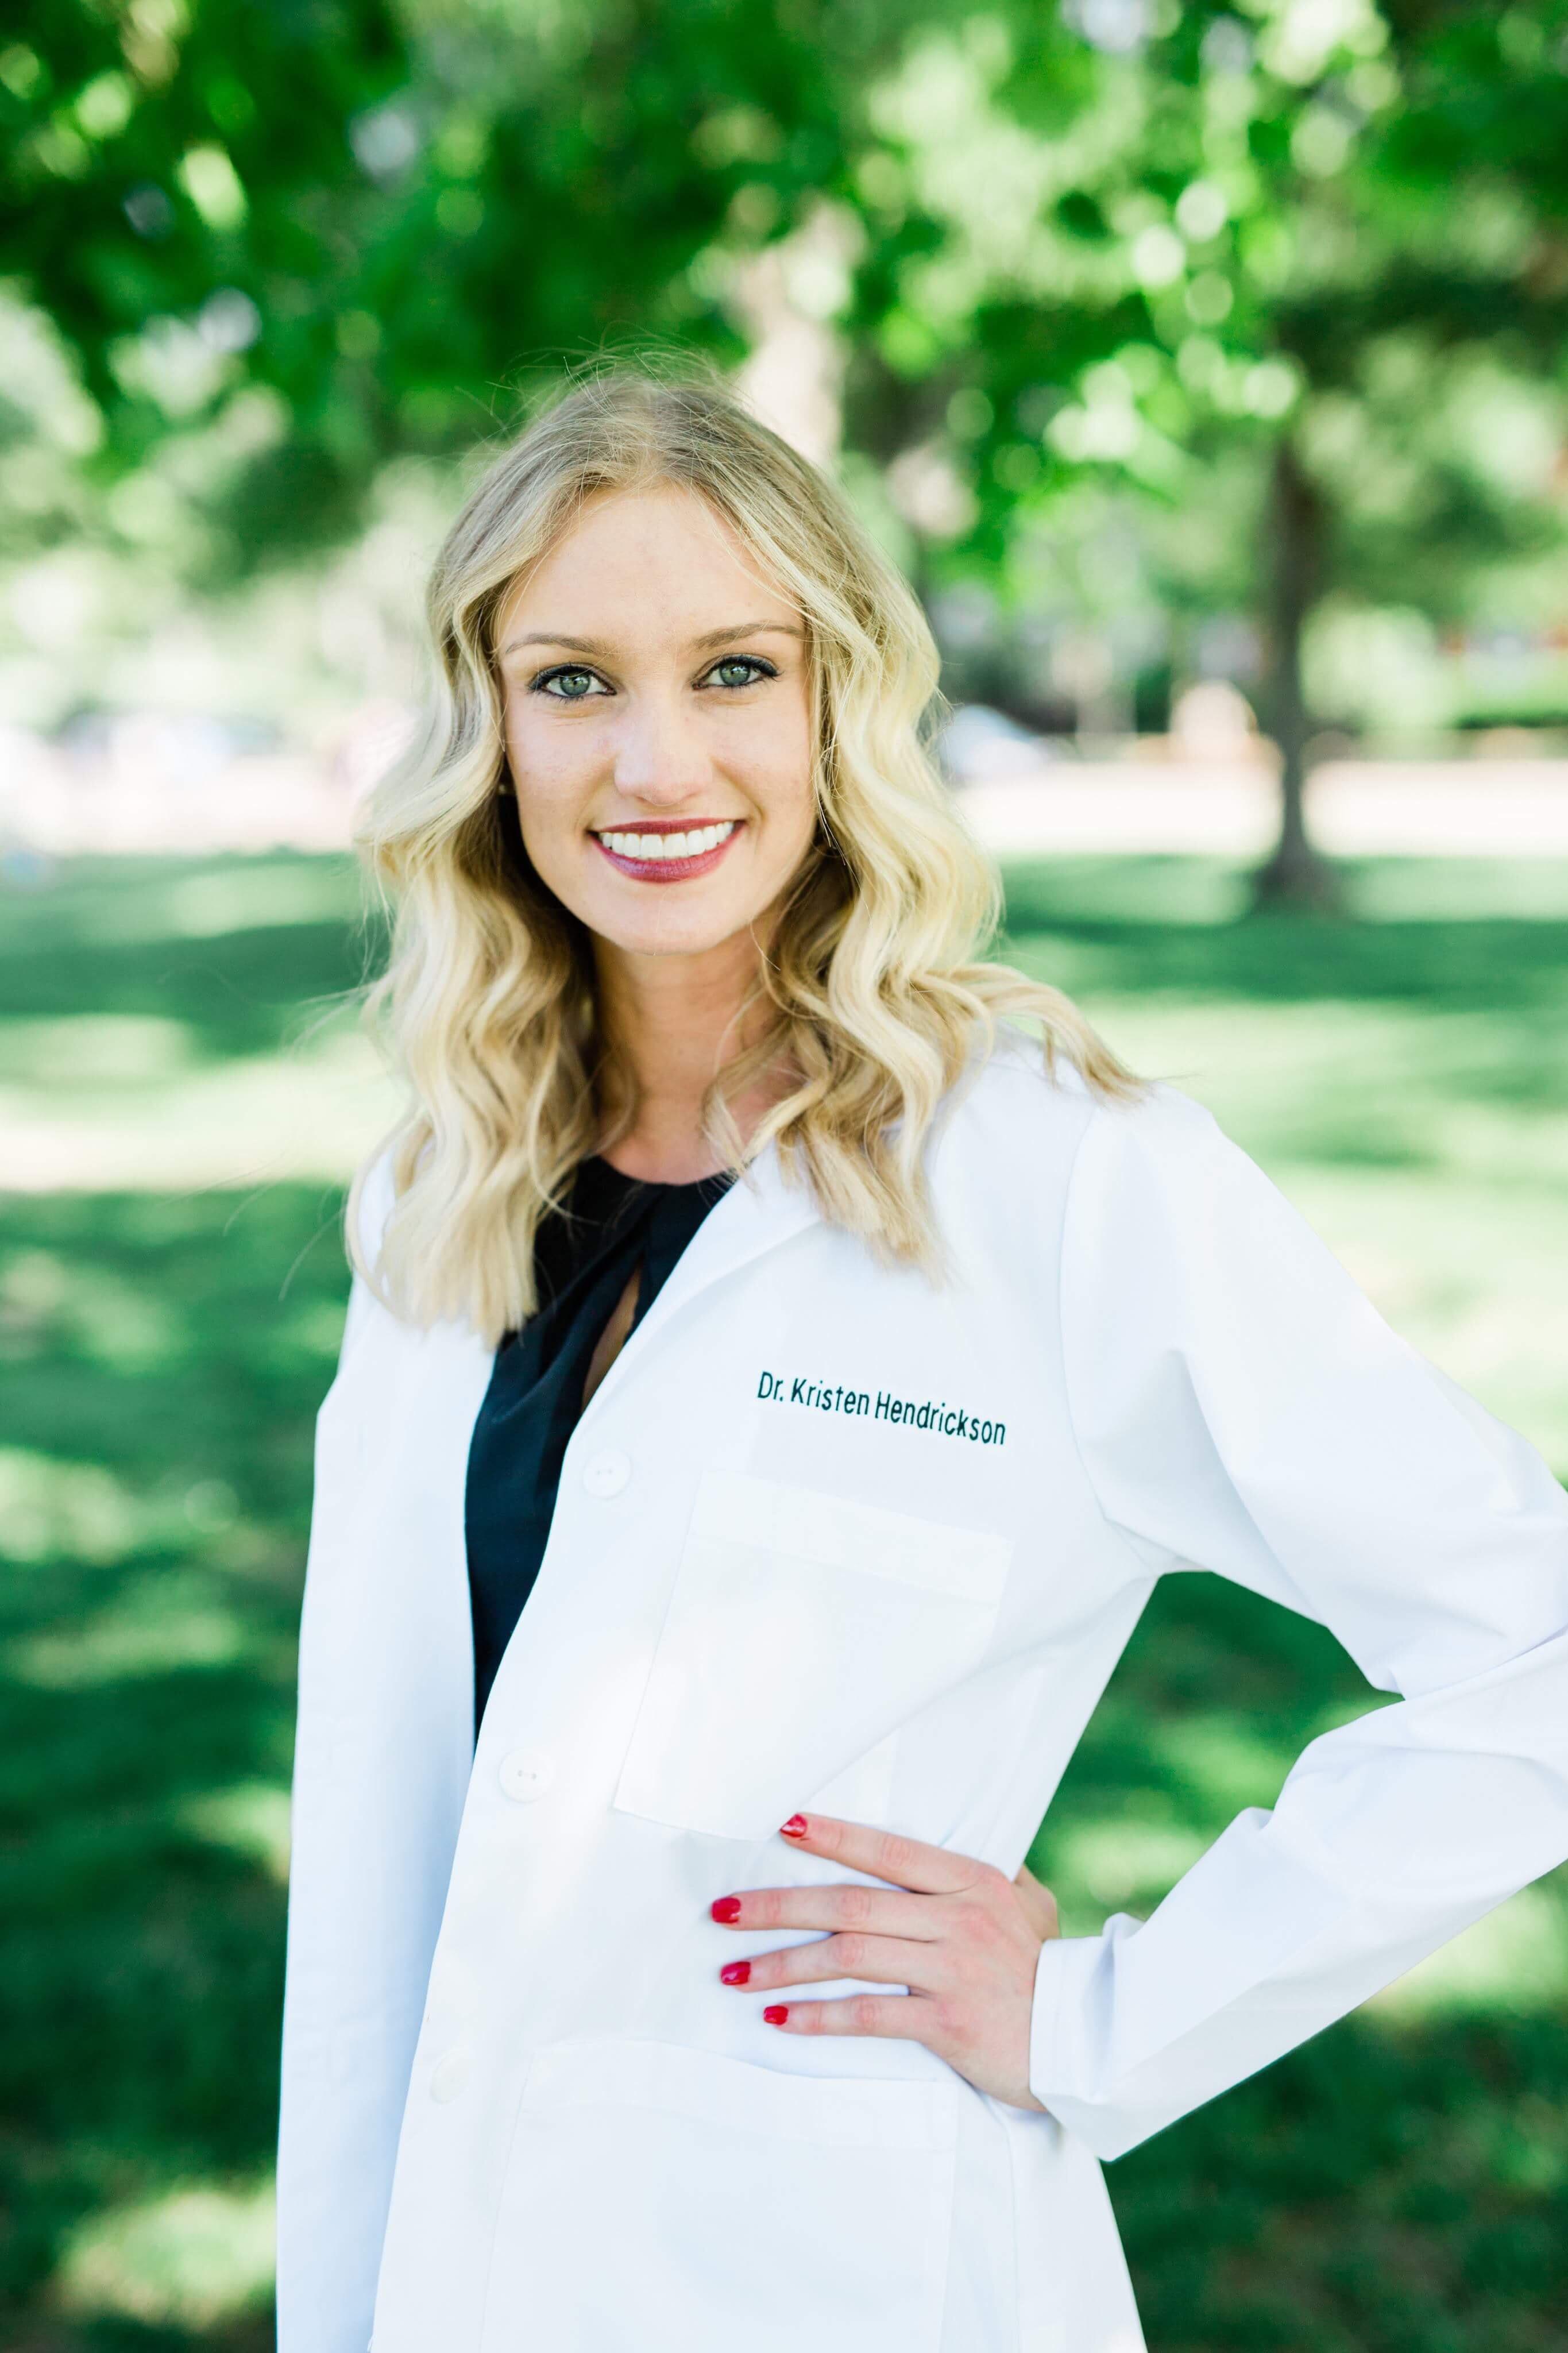 Welcome Dr. Kristen Hendrickson